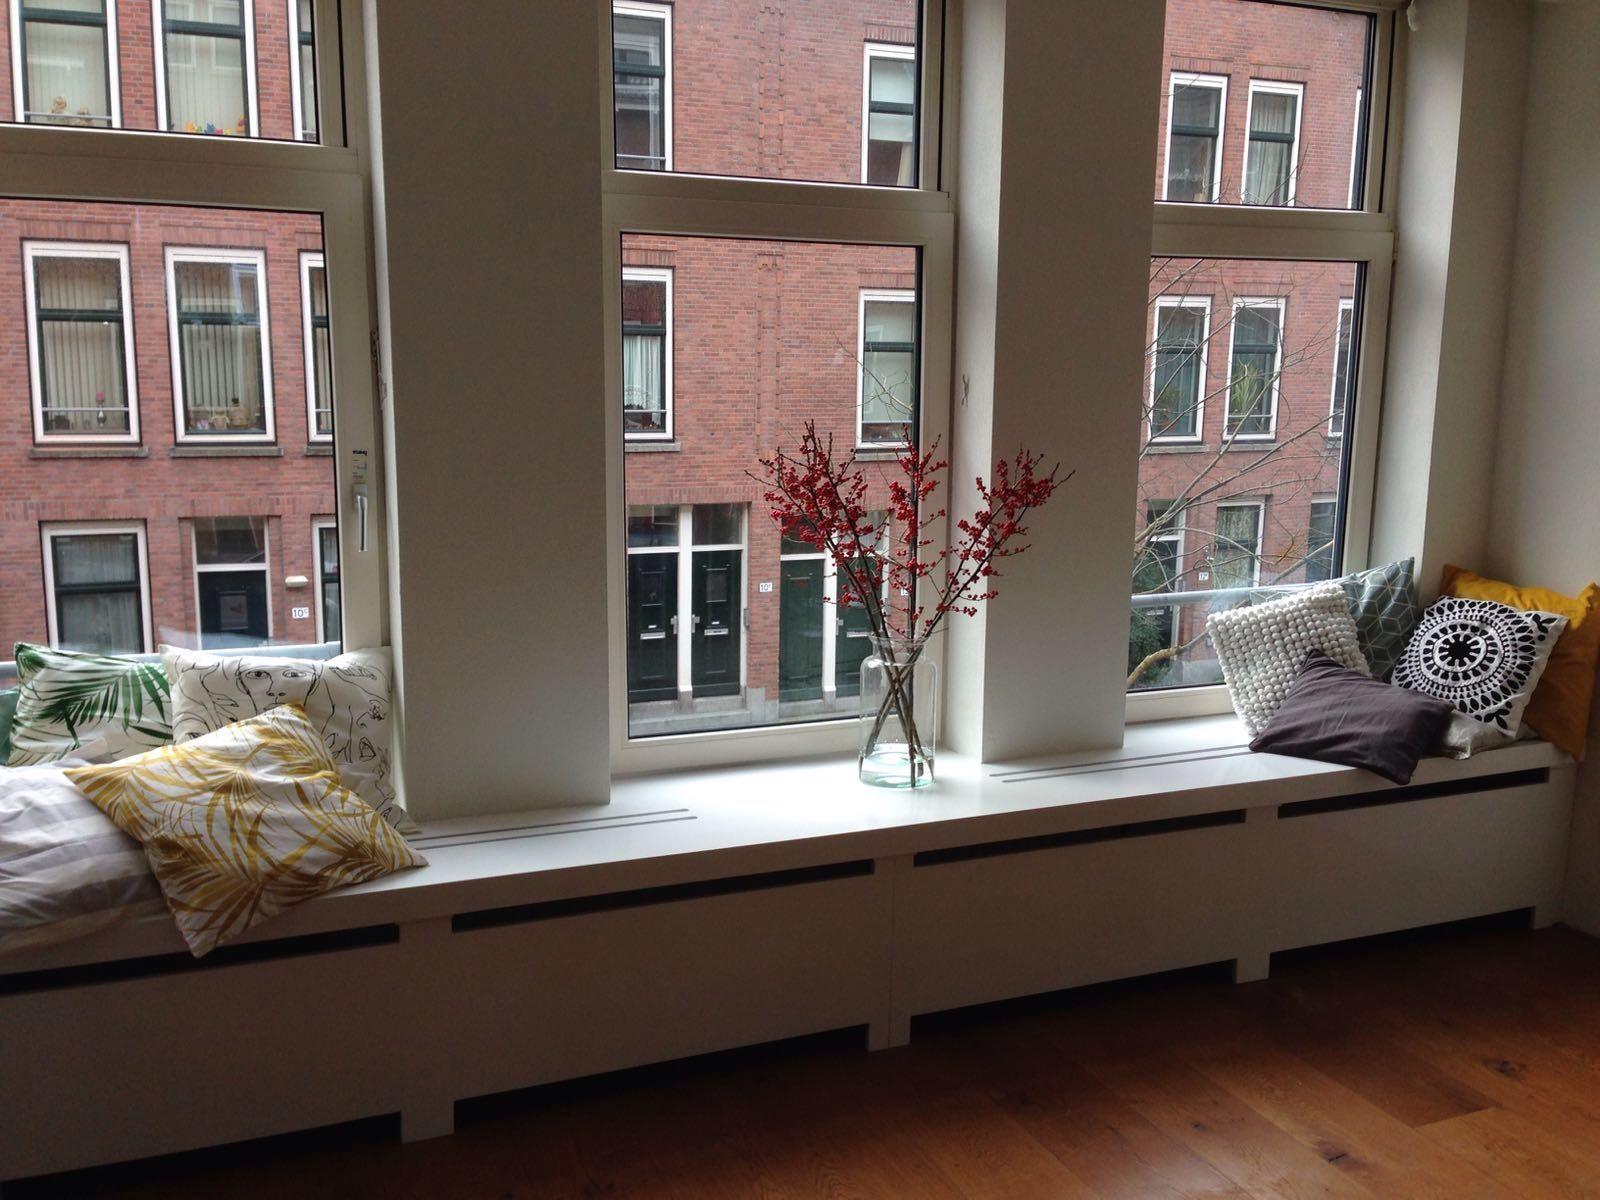 Radiator Slaapkamer Meubels : De mooiste plekken in huis voor een verticale radiator my lovely